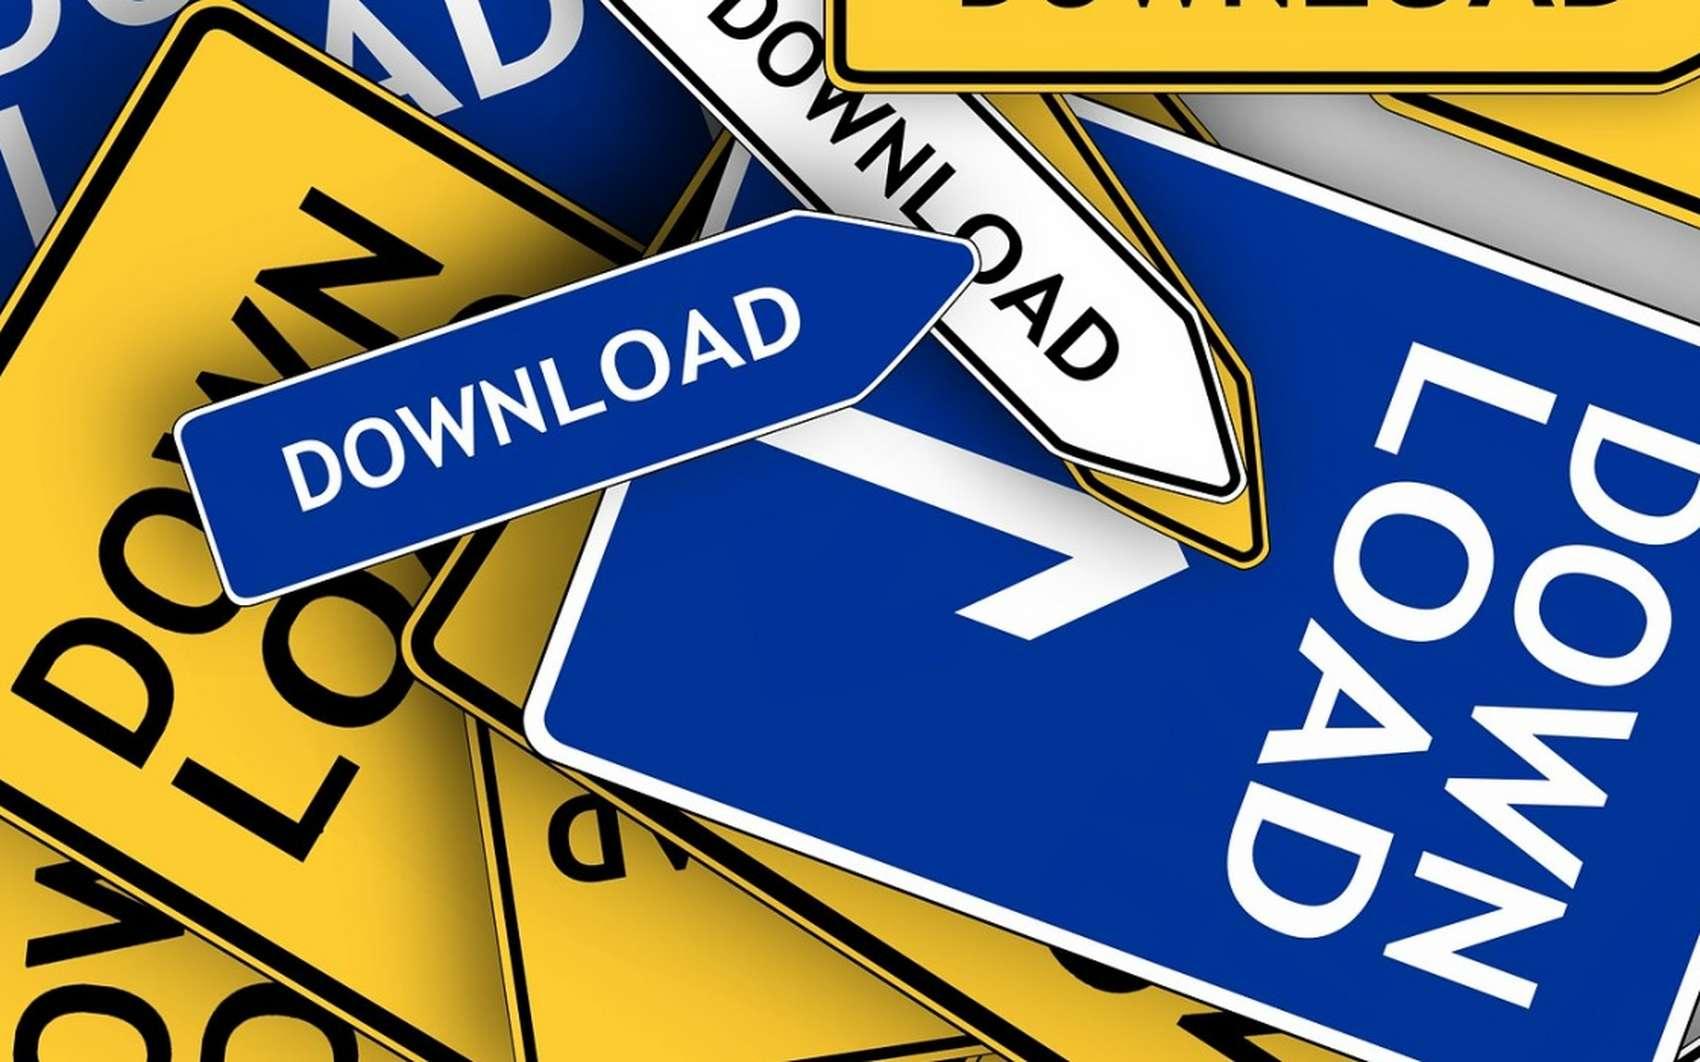 Le réseau BitTorrent est la meilleure solution P2P actuelle. © Pixabay.com